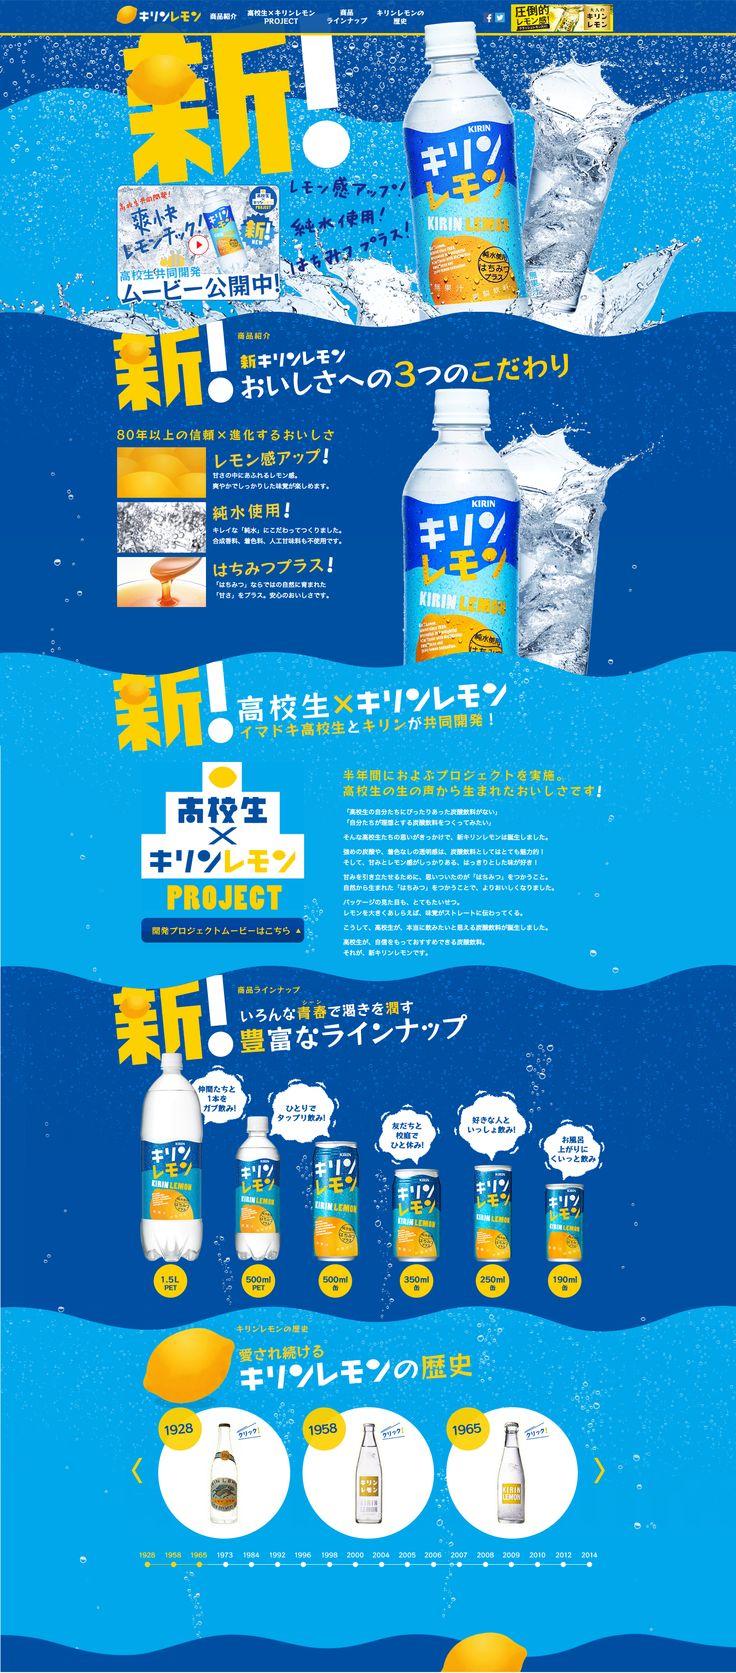 キリンレモン http://www.kirin.co.jp/products/softdrink/kirinlemon/